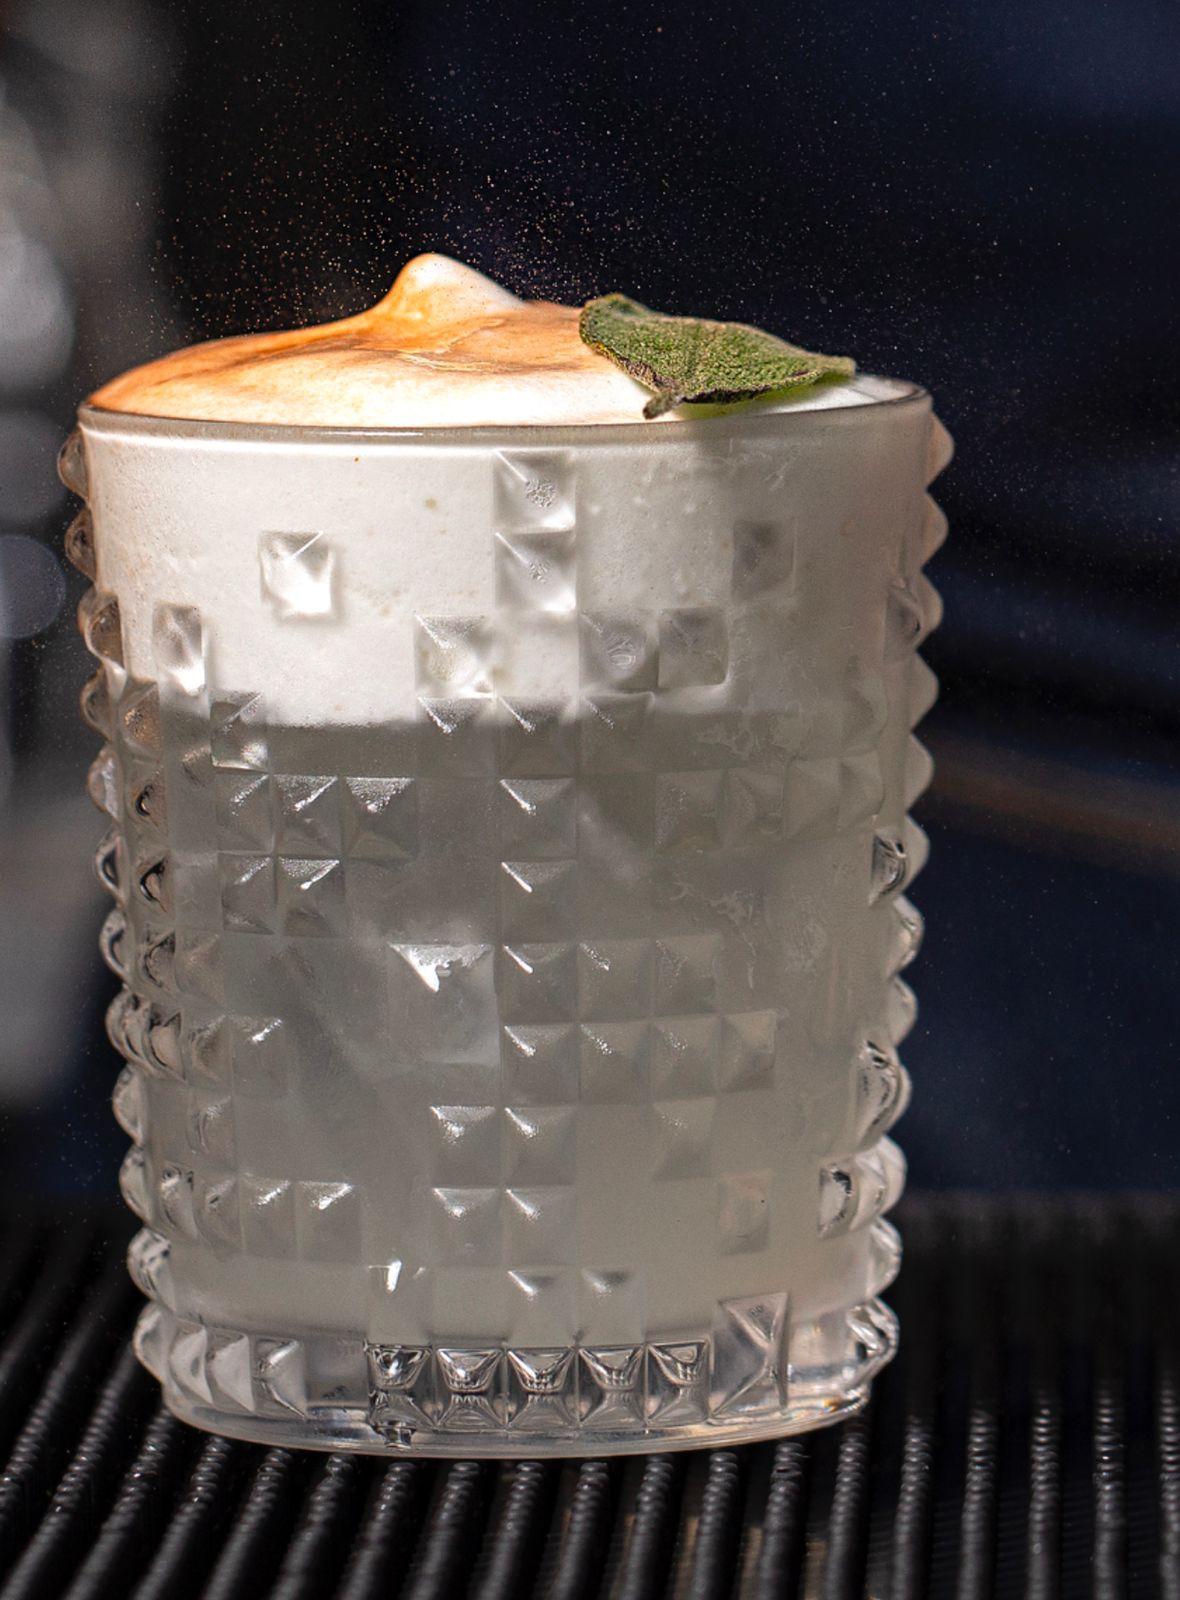 Bar do Claude: o drinque batizado com o nome da empreitada